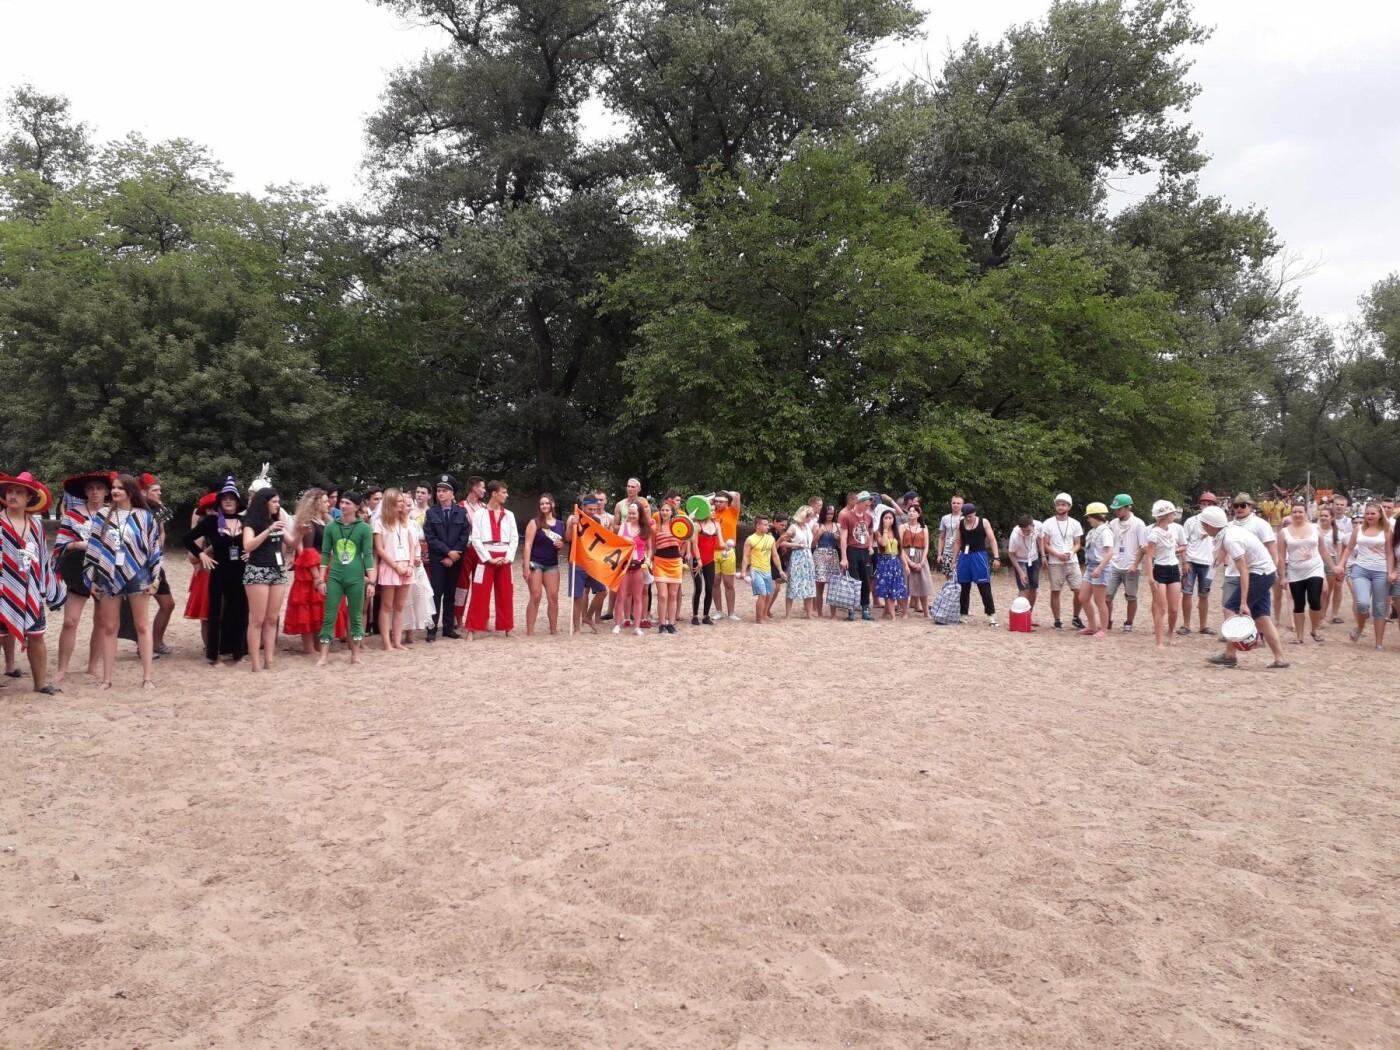 В Днепре стартовал масштабный молодежный фестиваль: как прошло открытие,  - ФОТО, фото-3